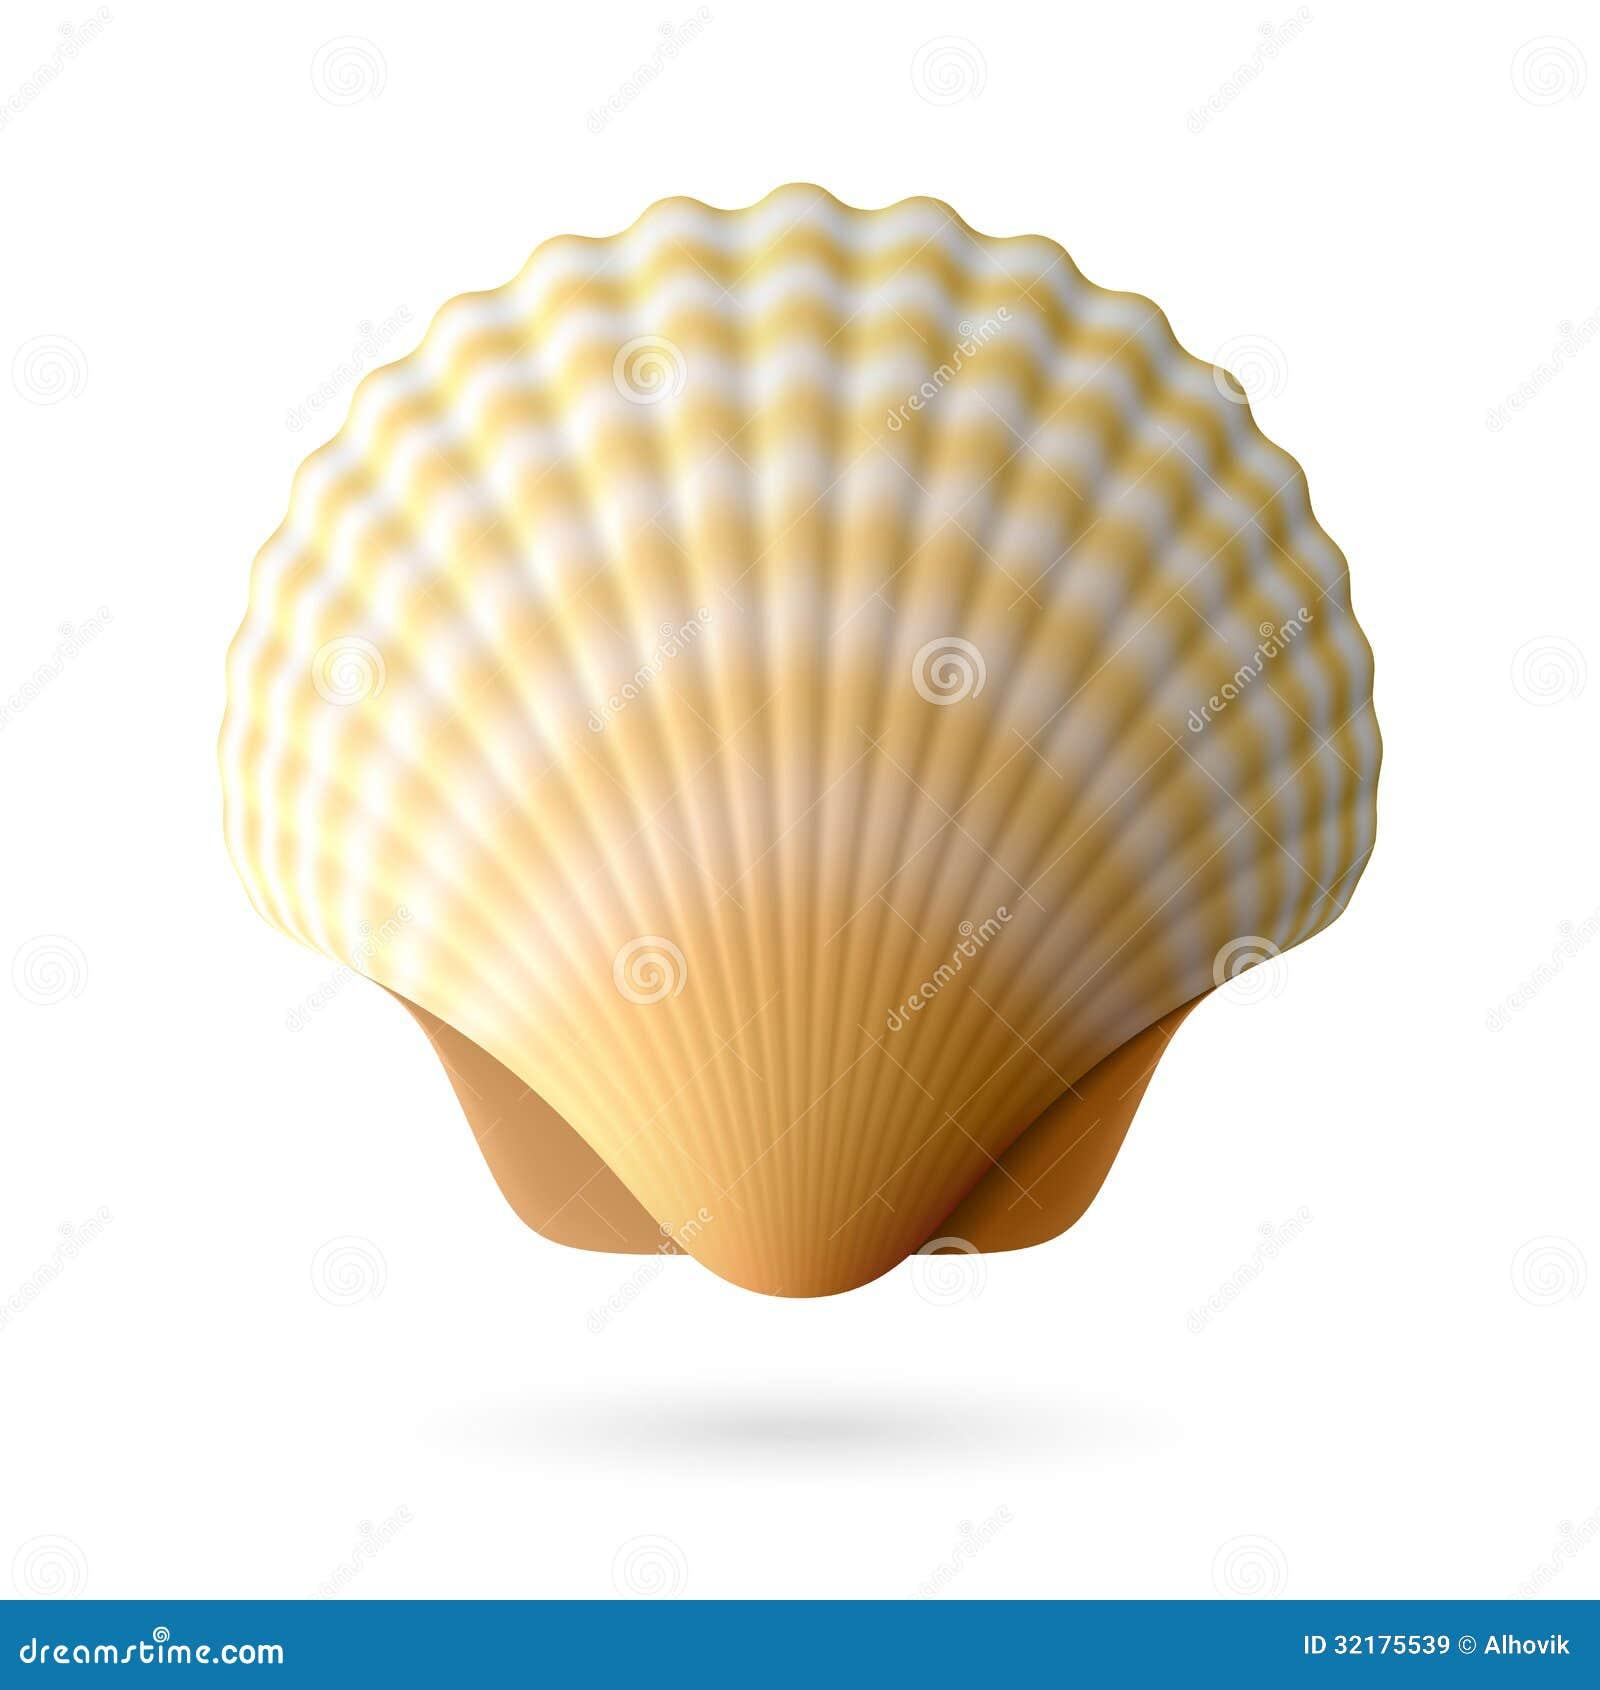 扇贝贝壳图片